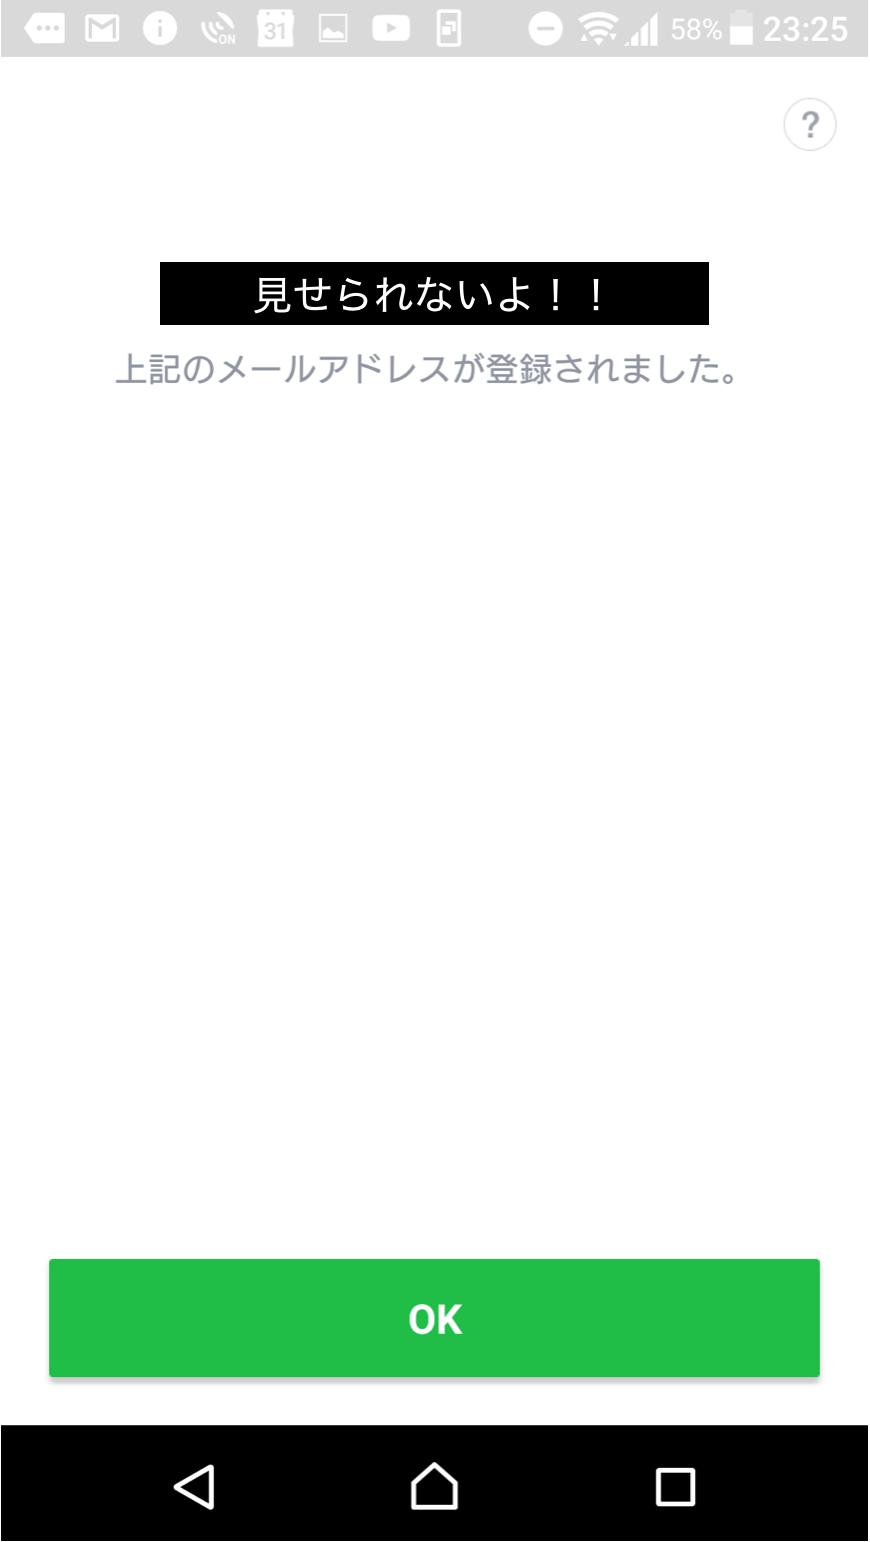 ScreenShot 2018-05-16 at 23.43.32.png